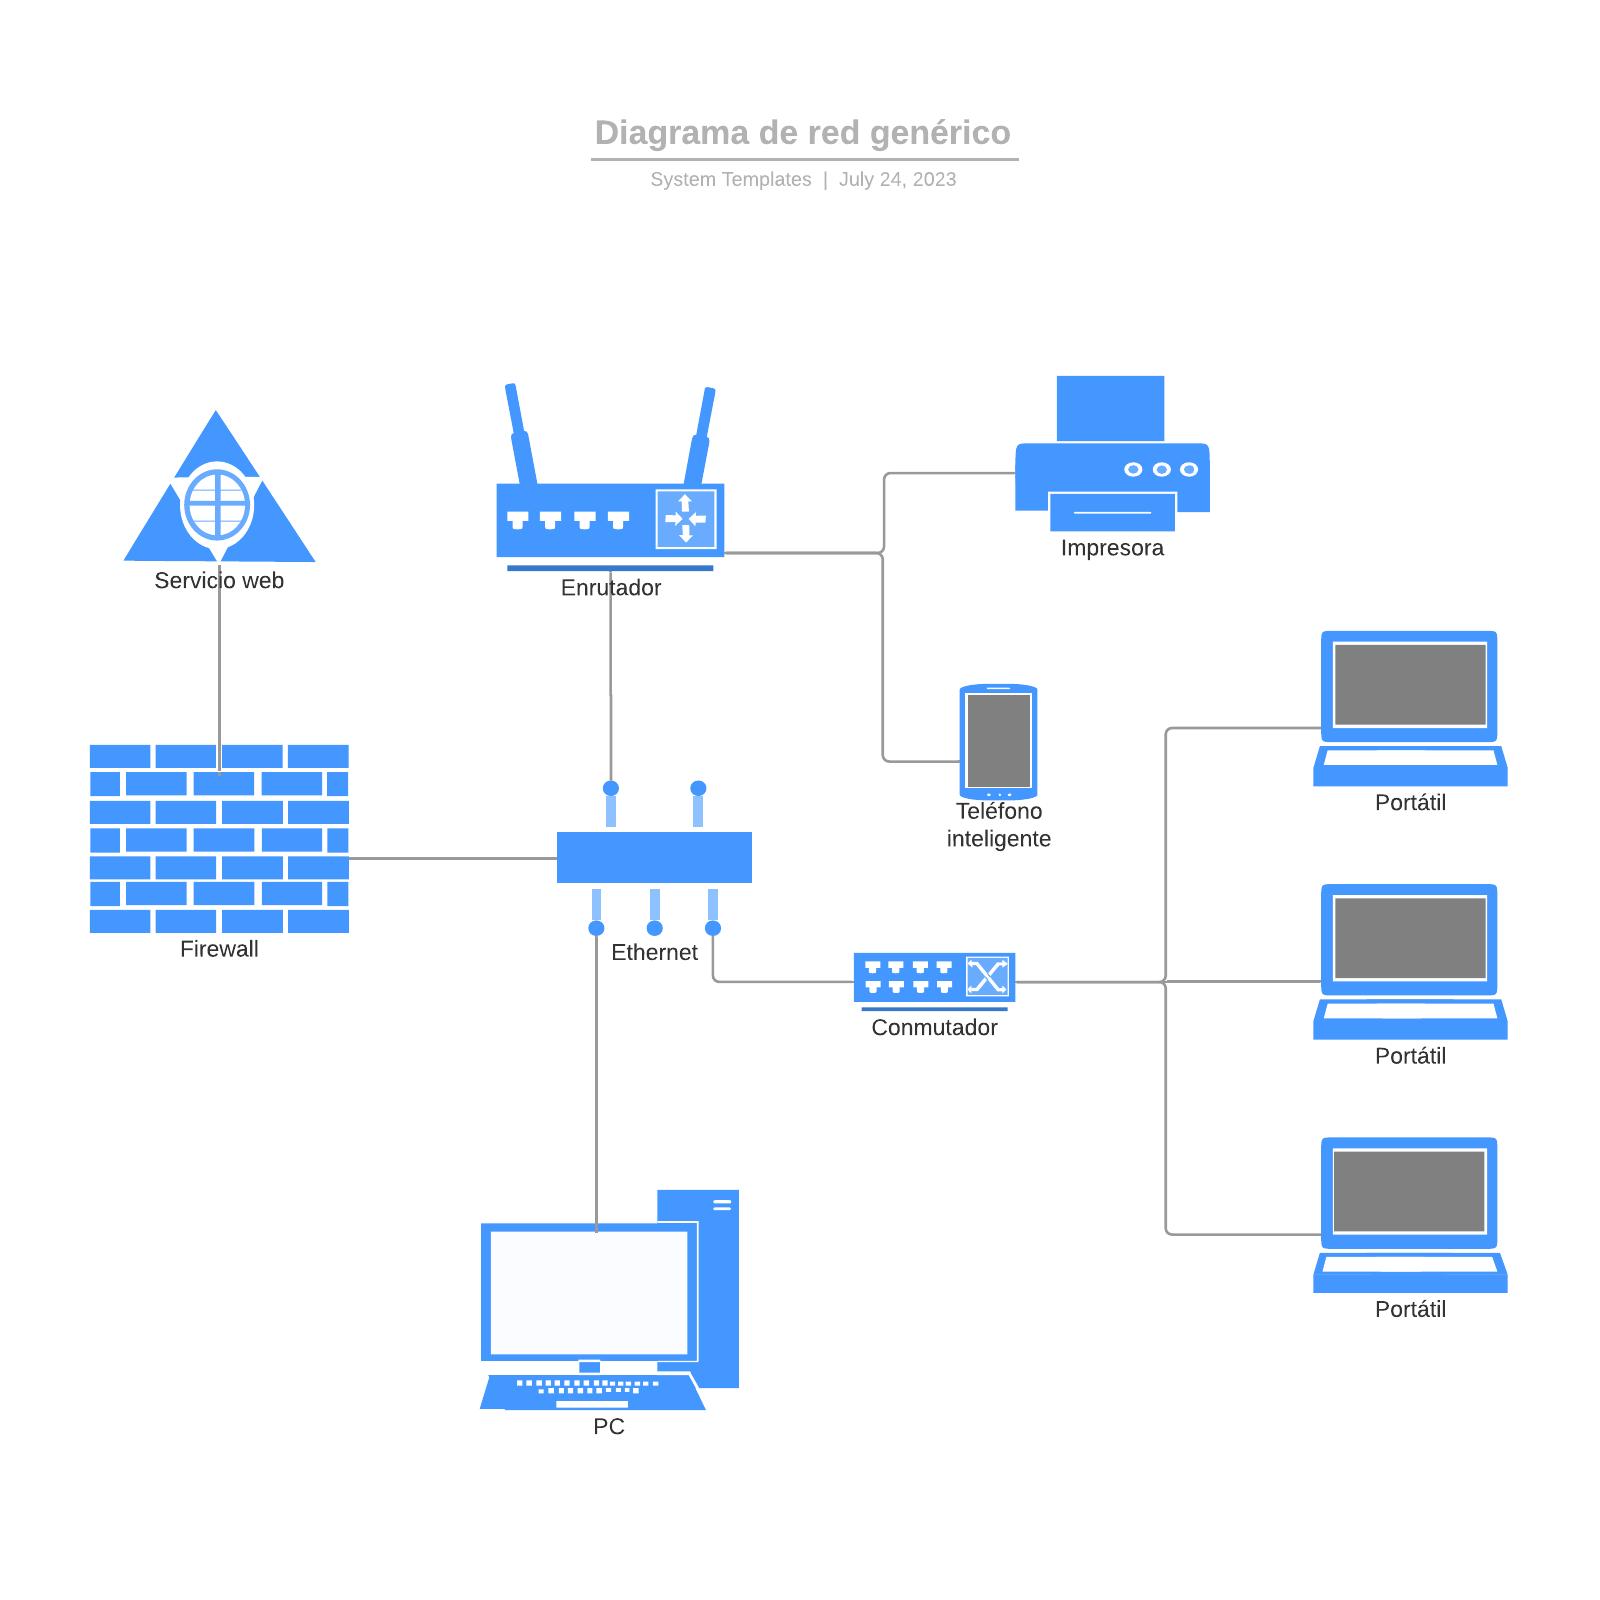 Diagrama de red genérico